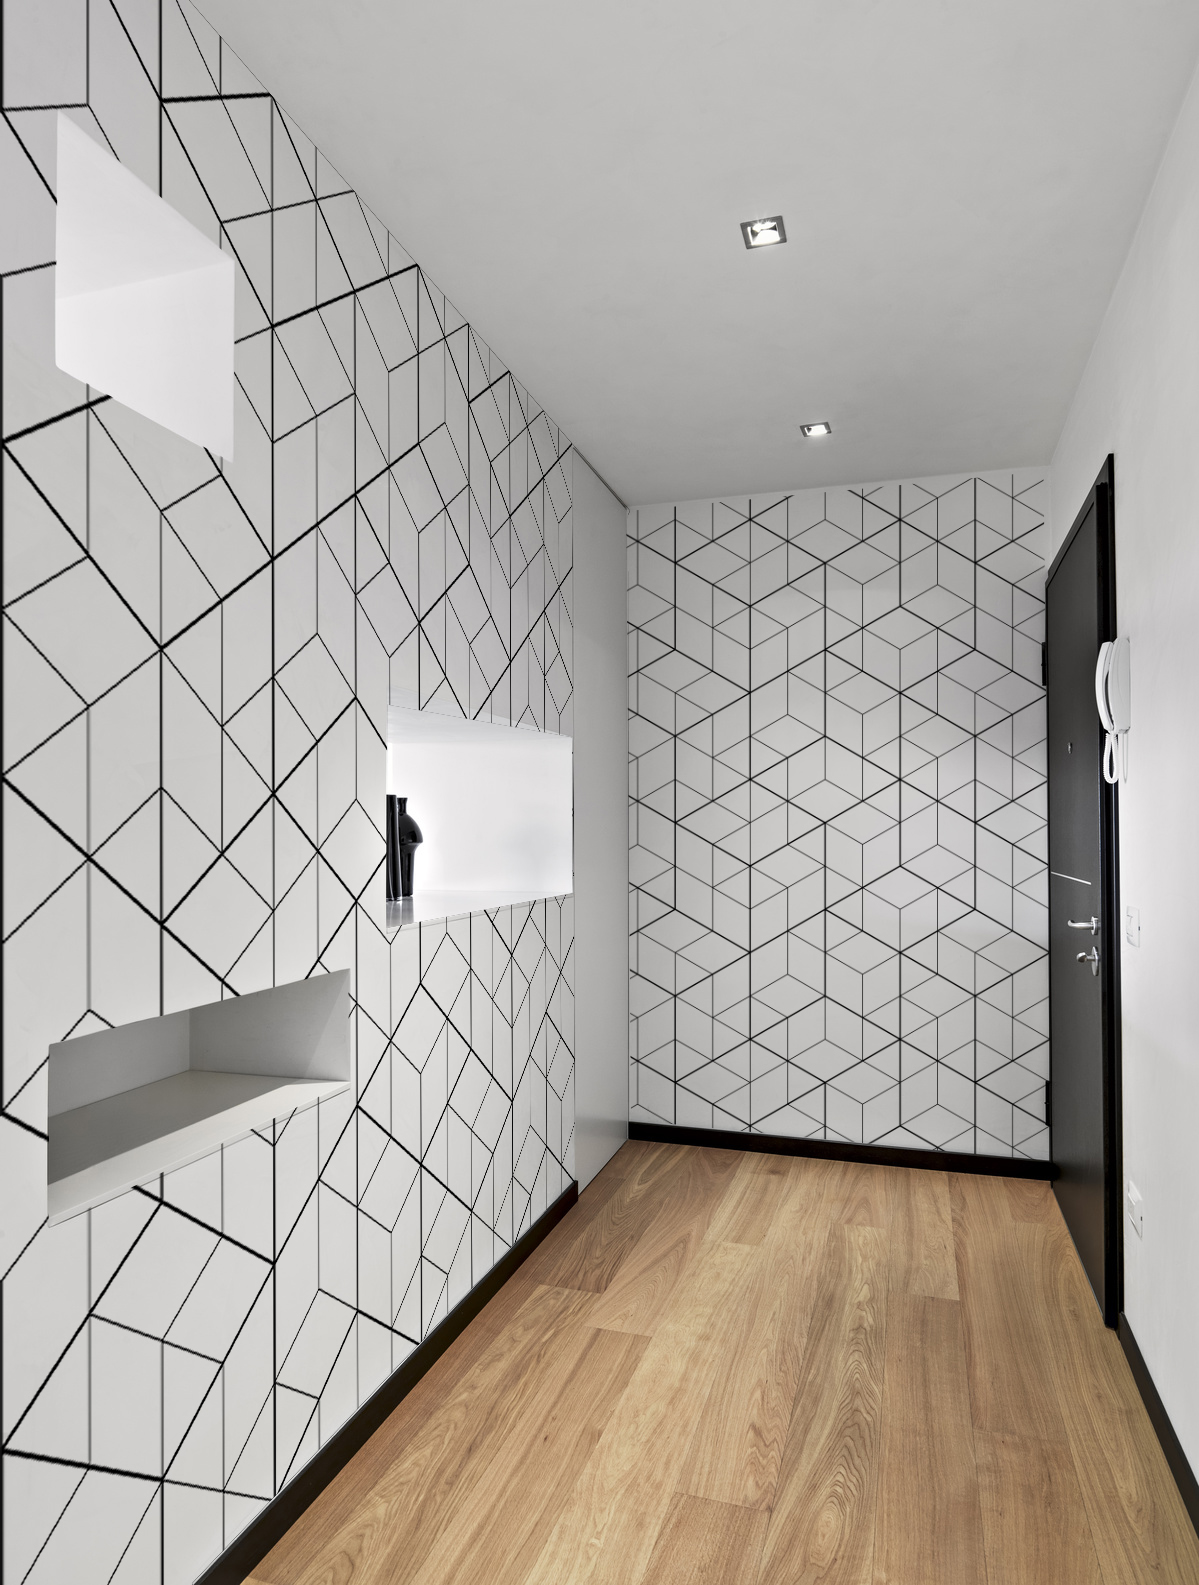 papier peint geometrique vos photos en poster grand format. Black Bedroom Furniture Sets. Home Design Ideas